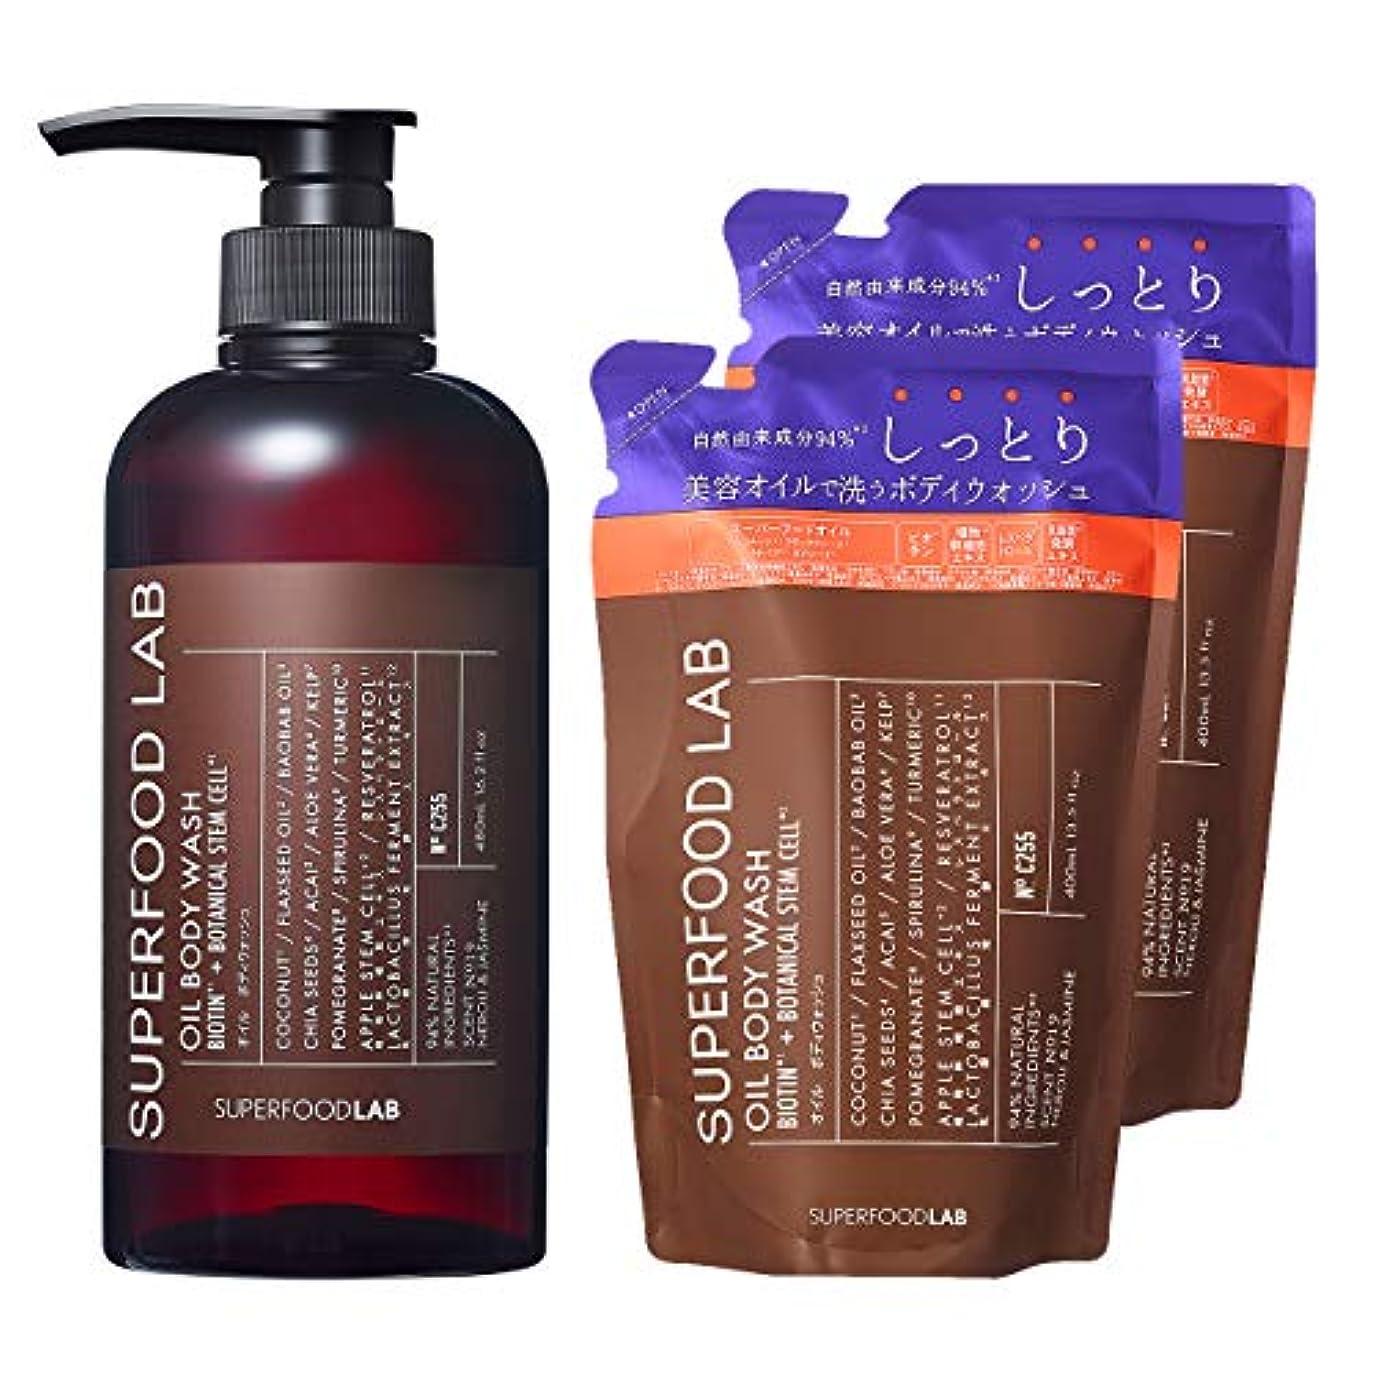 有名な文化十代の若者たちSFL(スーパーフードラボ) 美容オイルで洗う【しっとり】ビオチン+オイル ボディウォッシュ 本体+リフィル2個セット